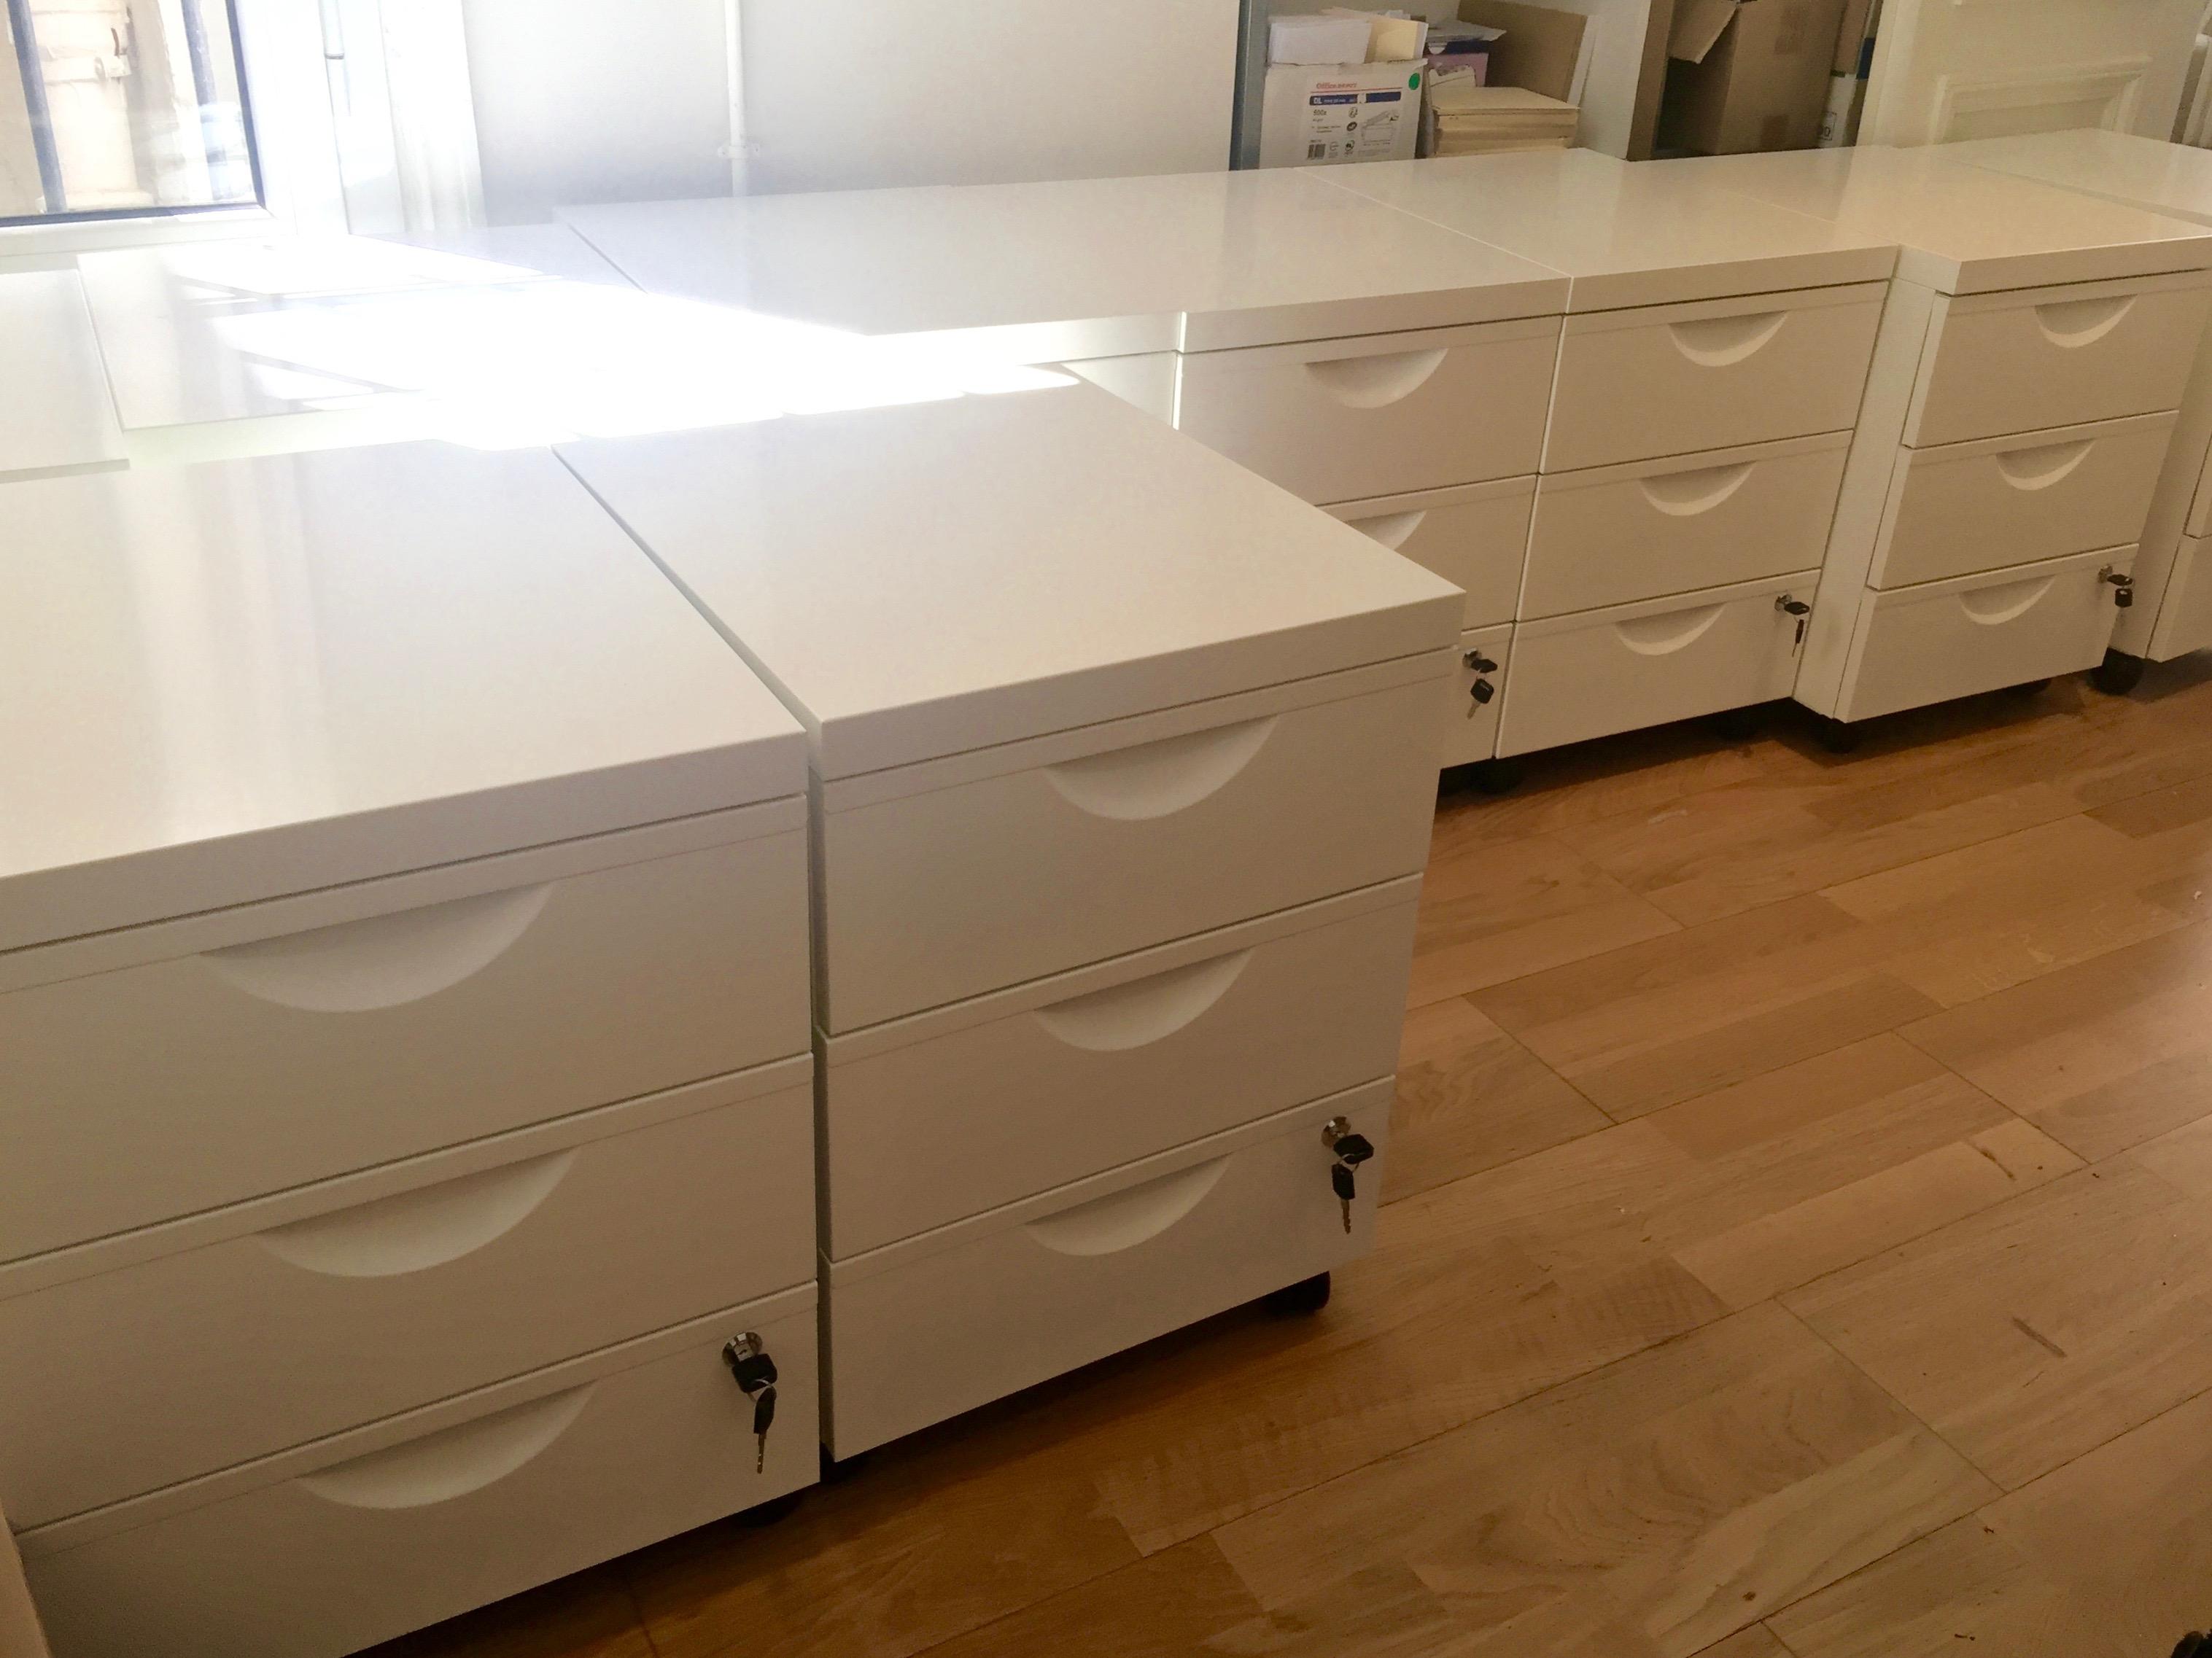 montage_de_meuble pro caisson de bureau - 1